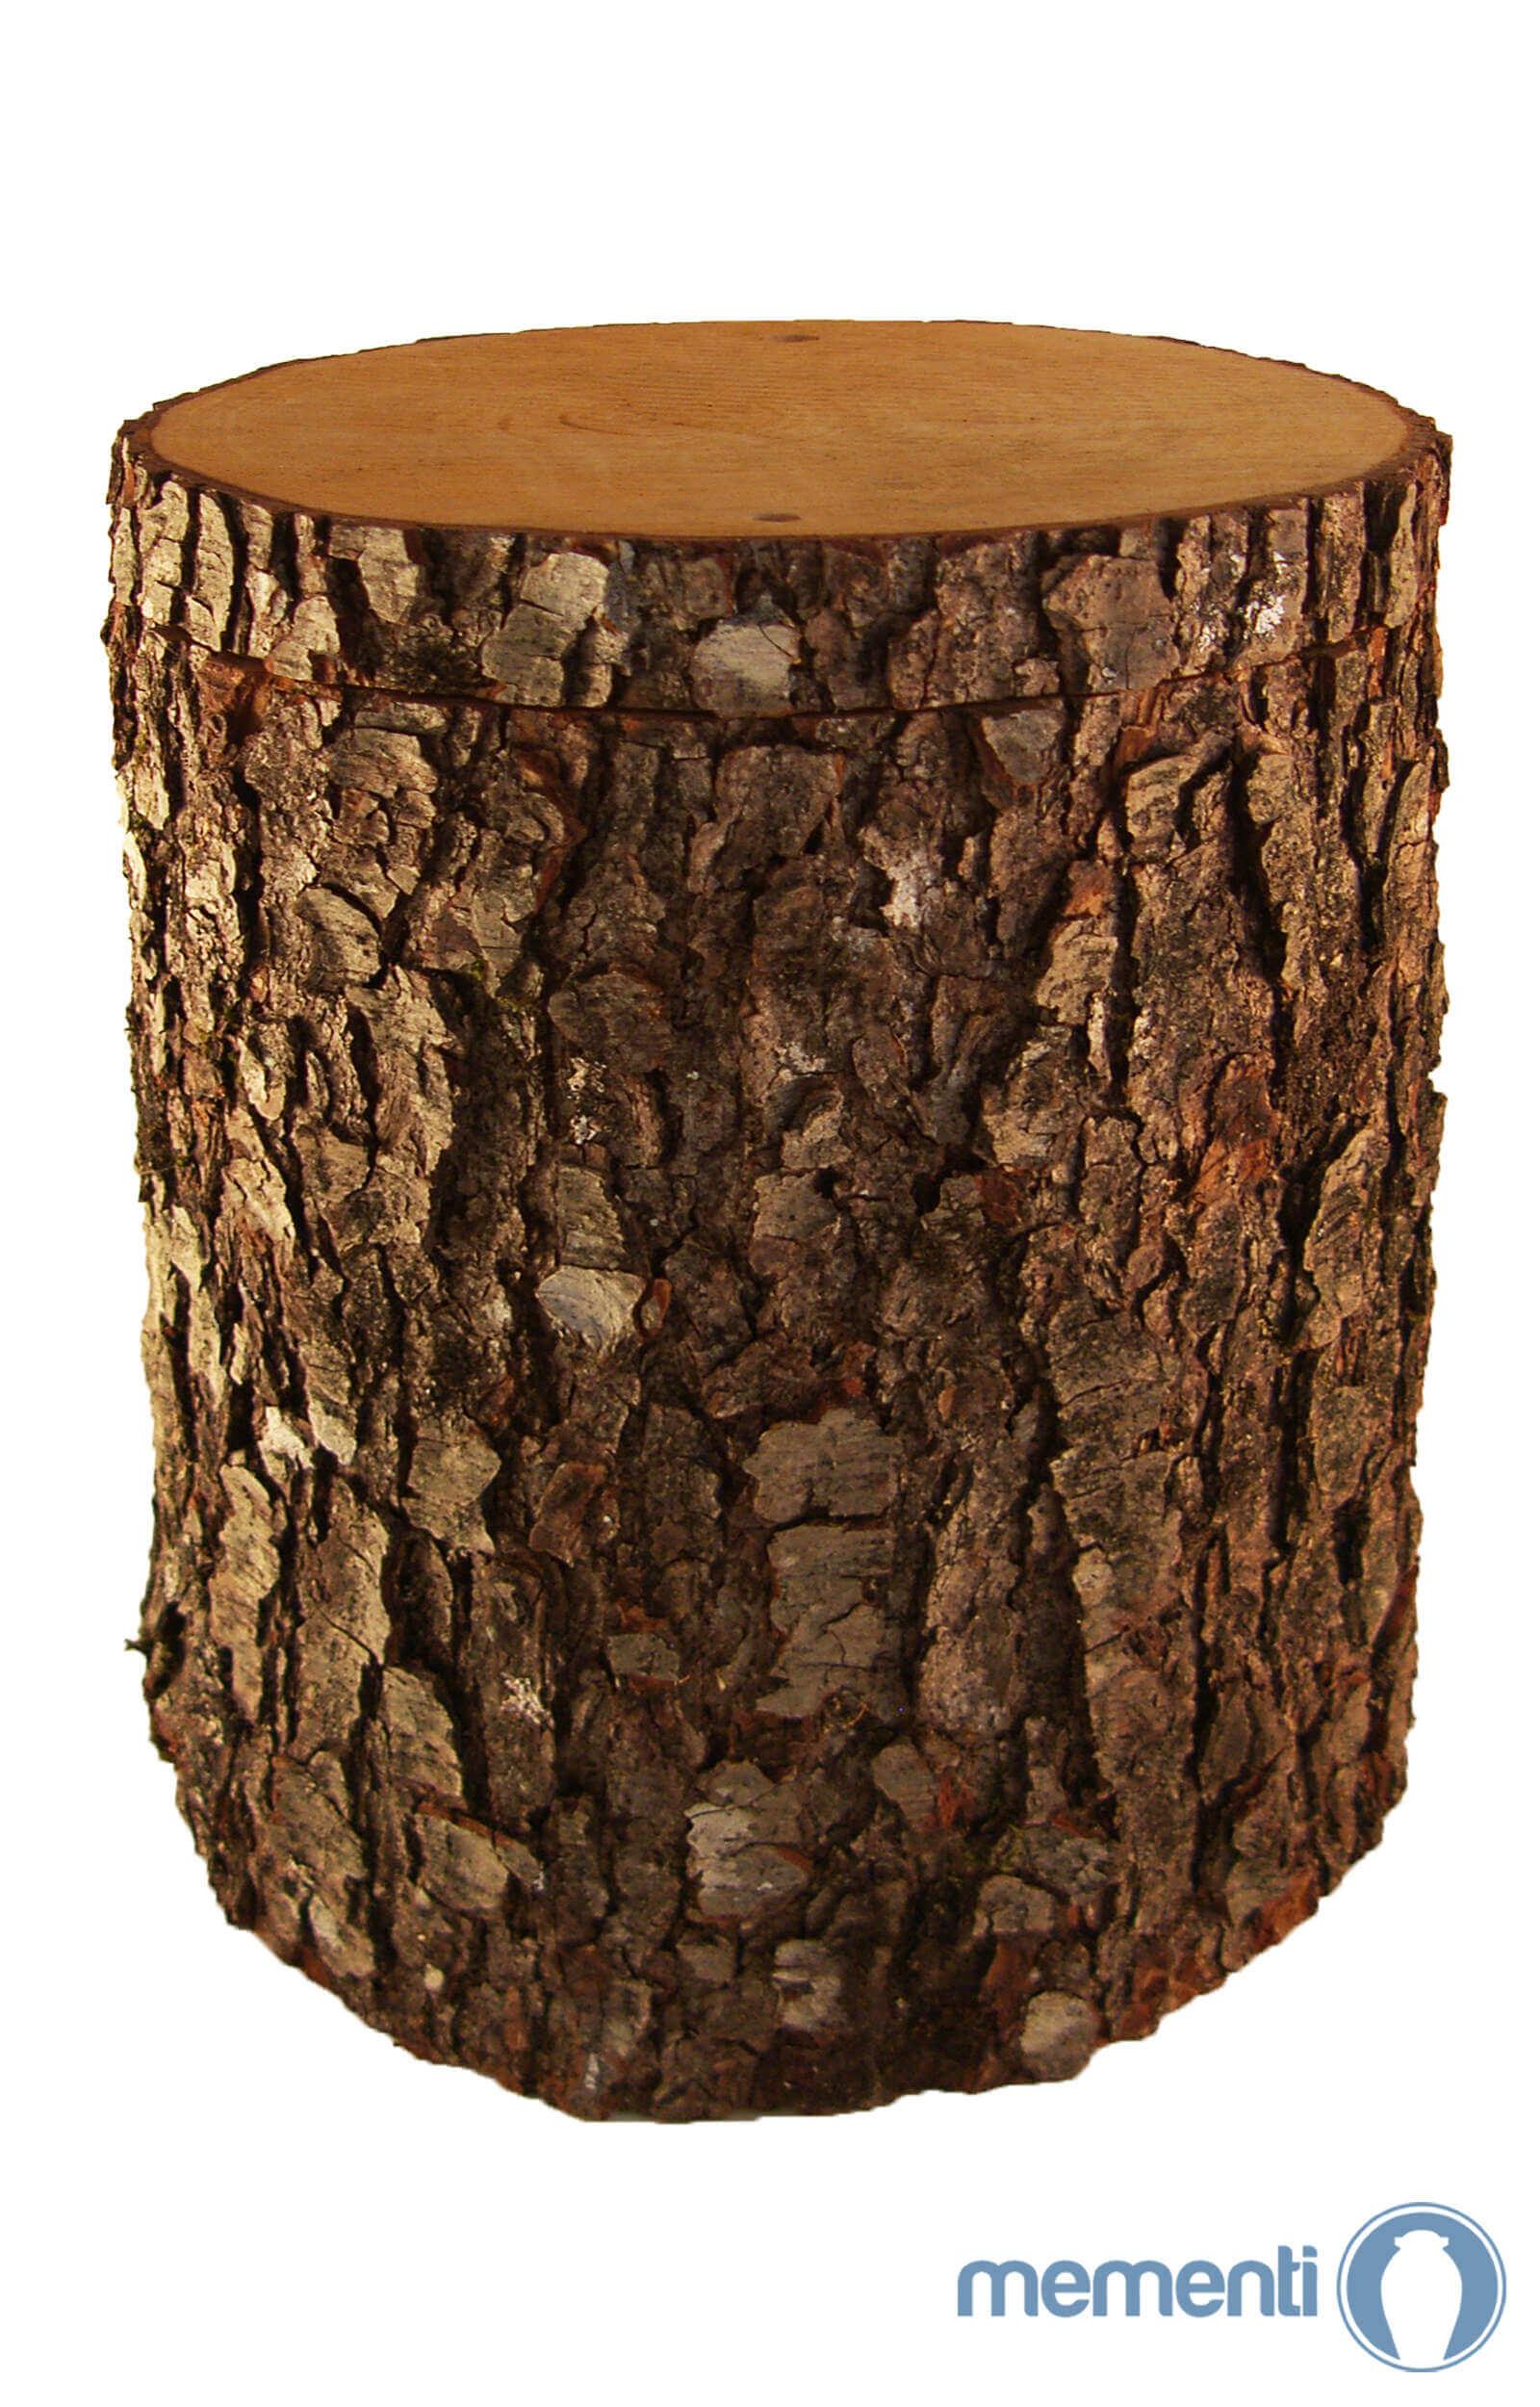 de HB28A08 urne aus holz eiche baumstamm urnen kaufen